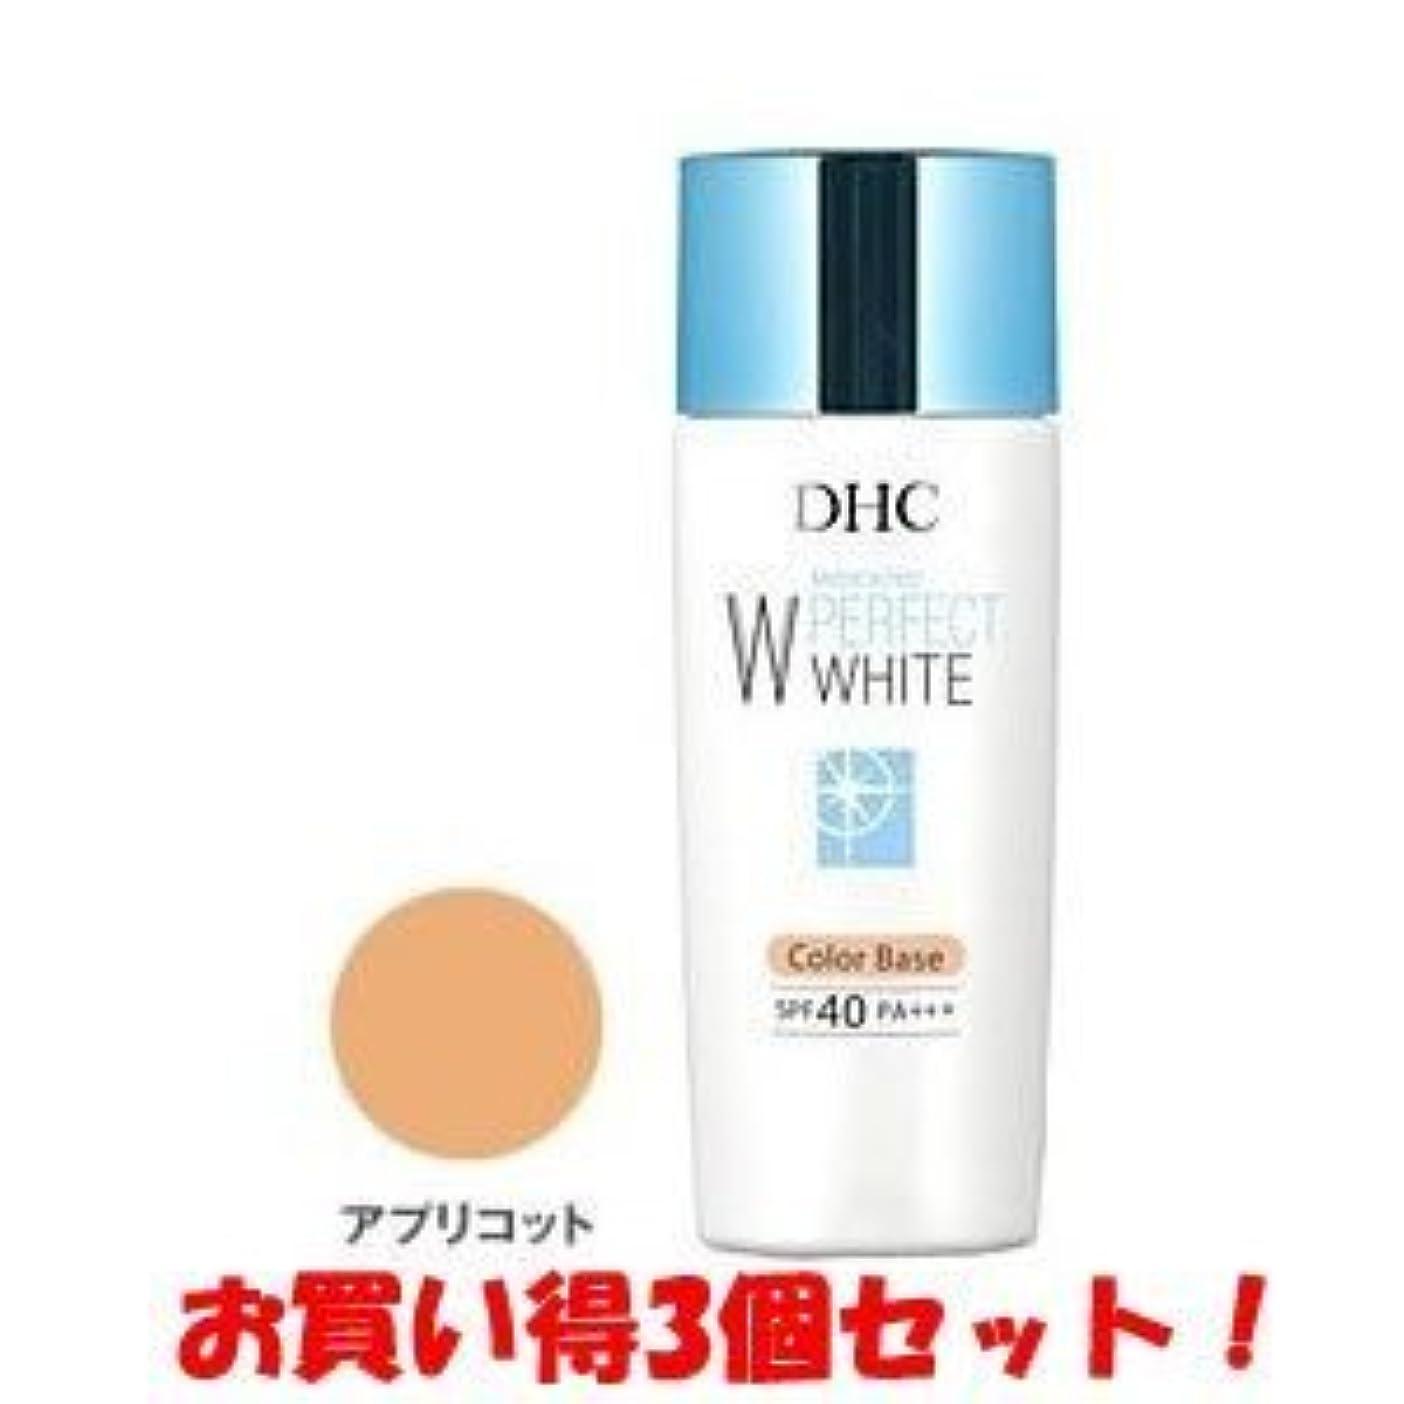 清める欠員議題DHC 薬用パーフェクトホワイト カラーベース アプリコット 30g(医薬部外品)(お買い得3個セット)